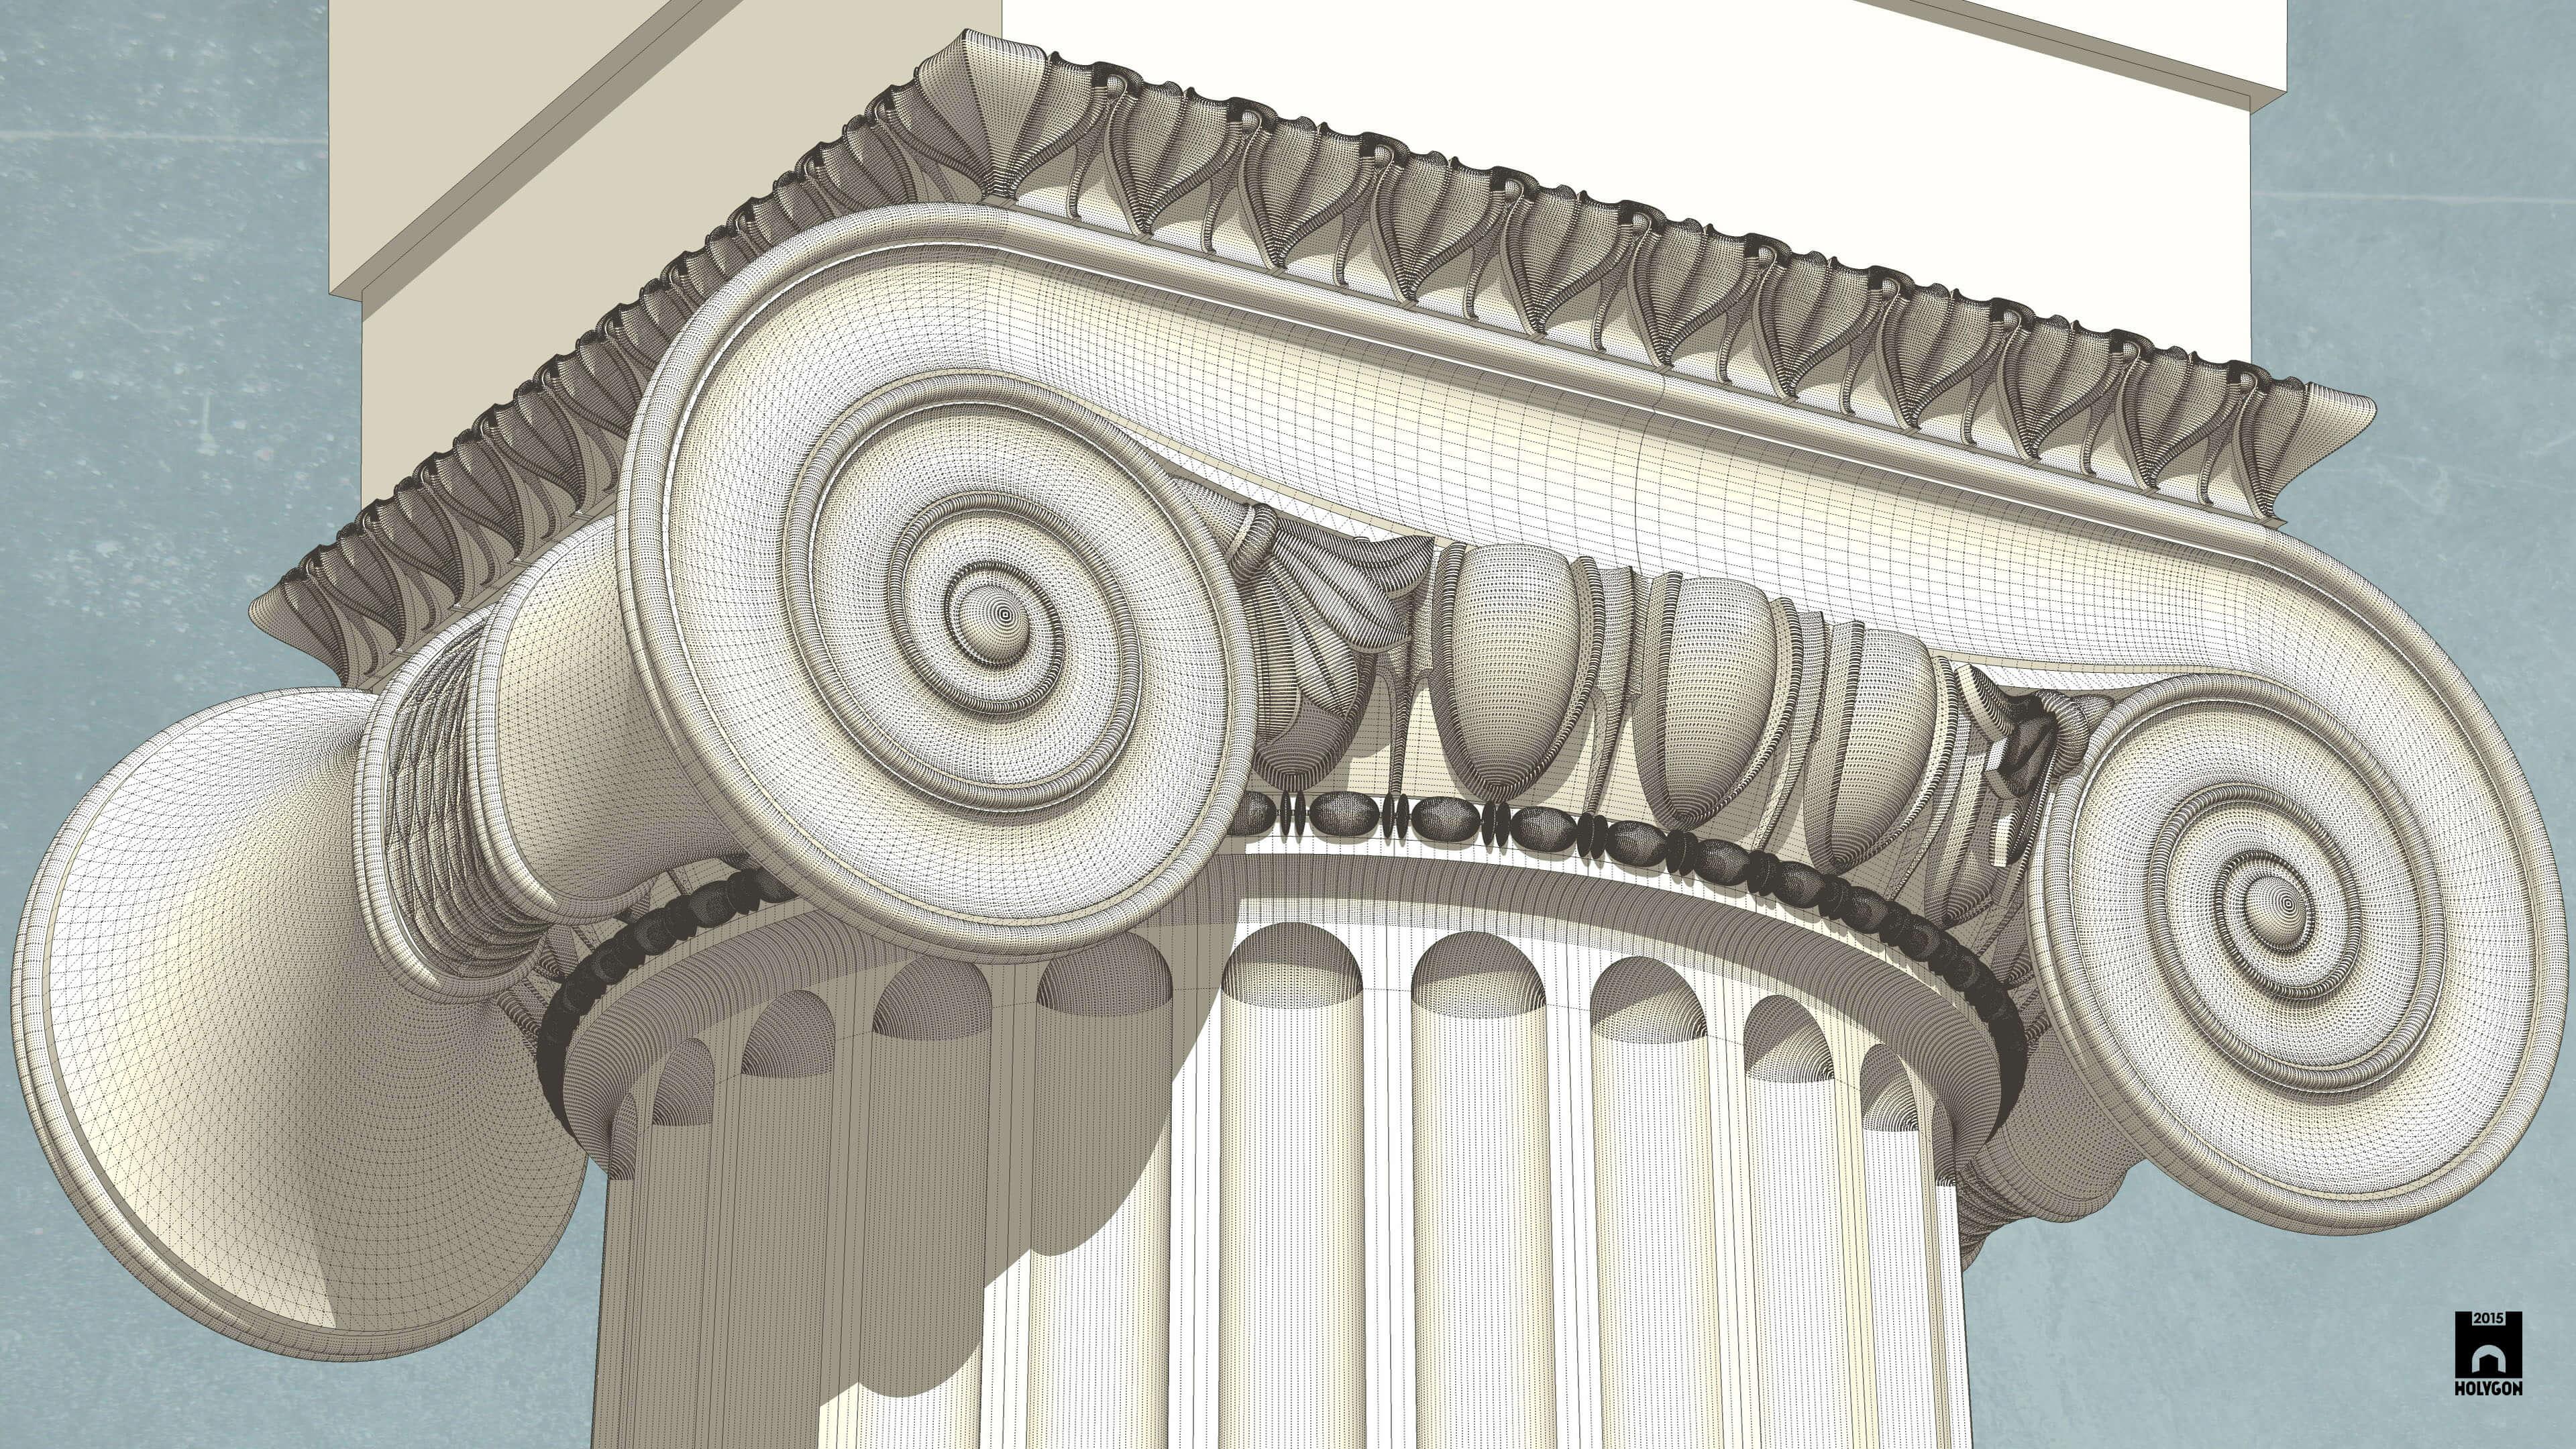 Diabeł tkwi w szczegółach. Opanowanie modelowania podwójnych krzywizn pozwala przywrócić do życia grecką architekturę. (źródło: Holygon)